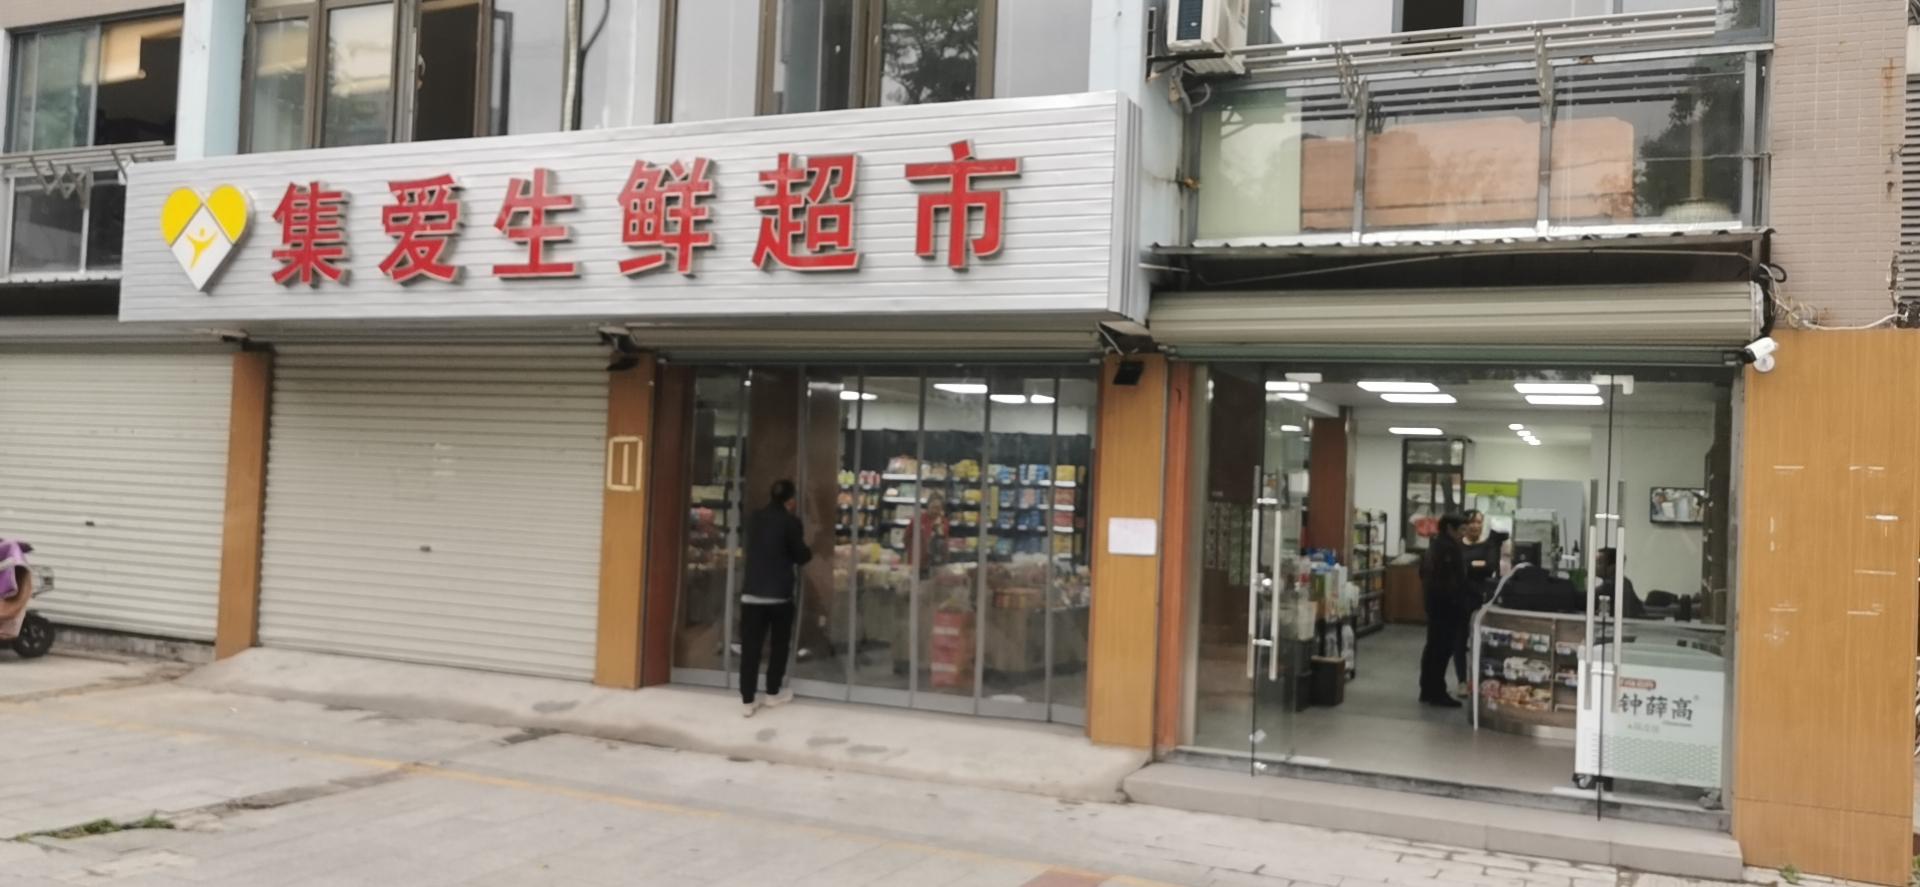 苏州盈利超市转让